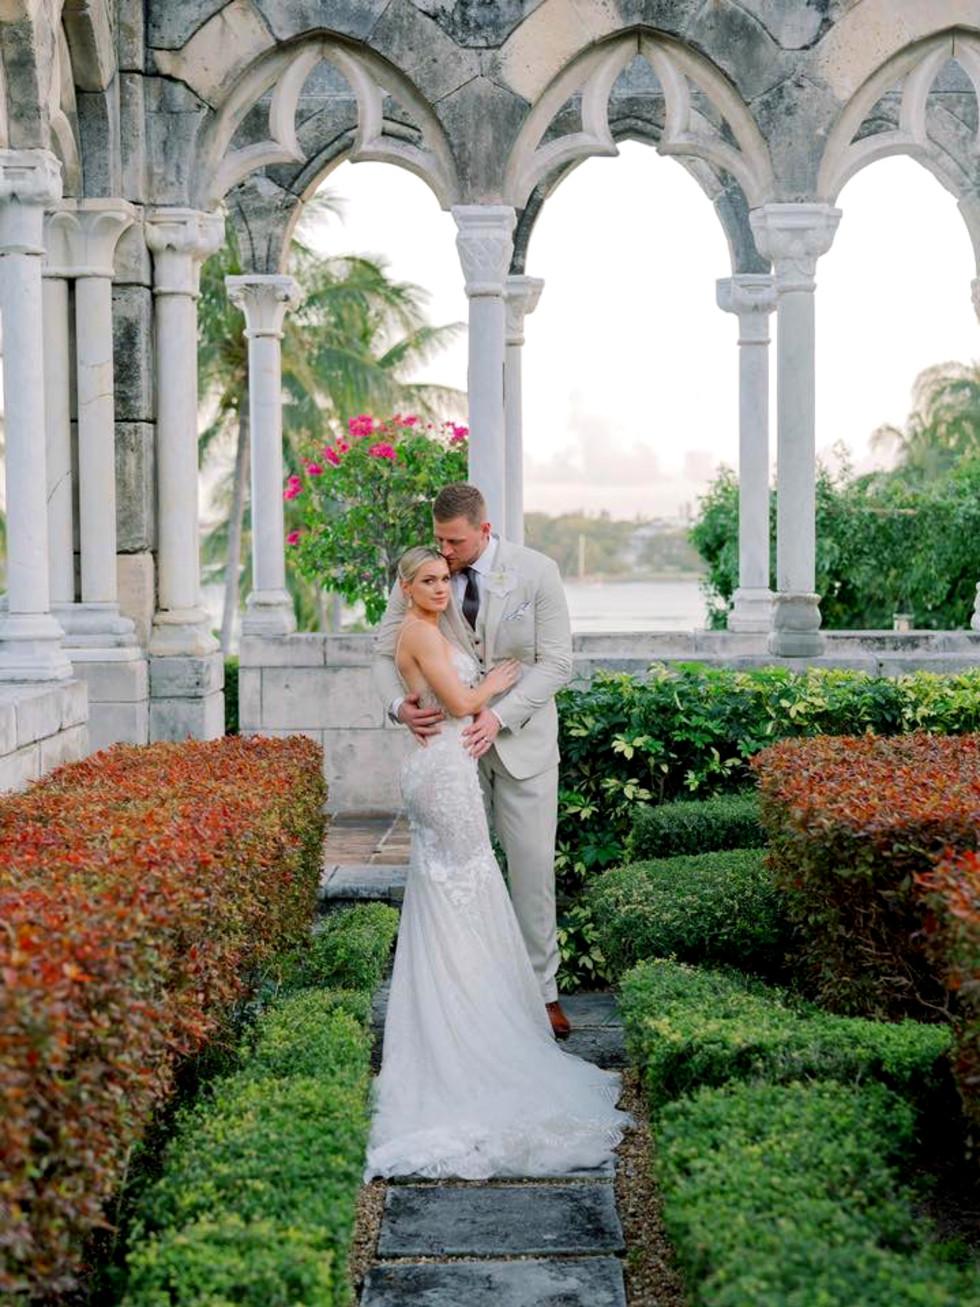 J.J. Watt Kealia married